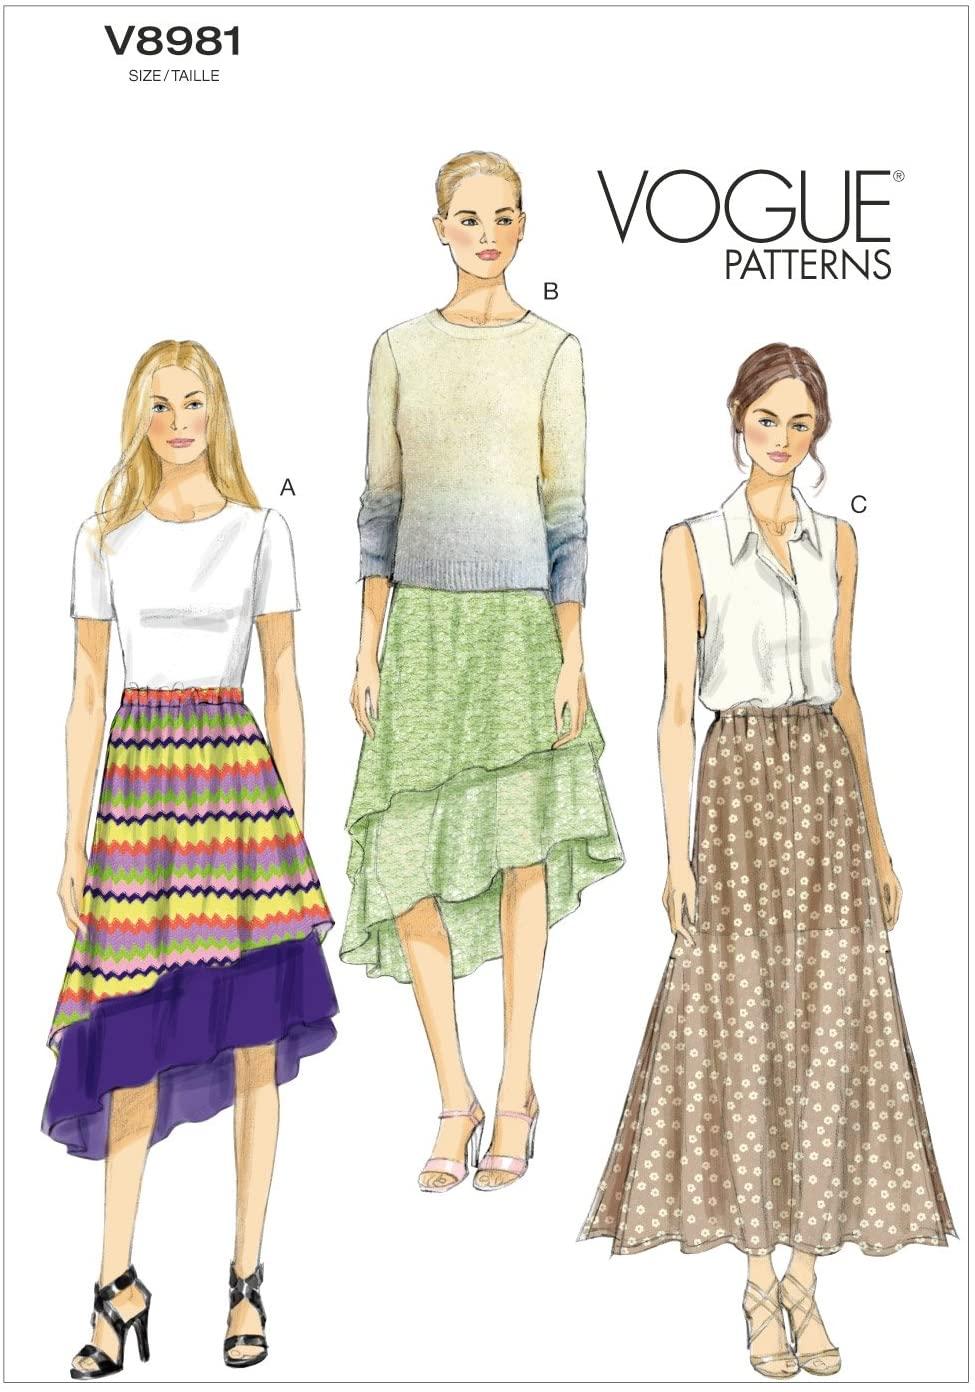 Vogue Patterns V89810Y0 Misses Skirt Sewing Template, Size Y (XSM-SML-MED)